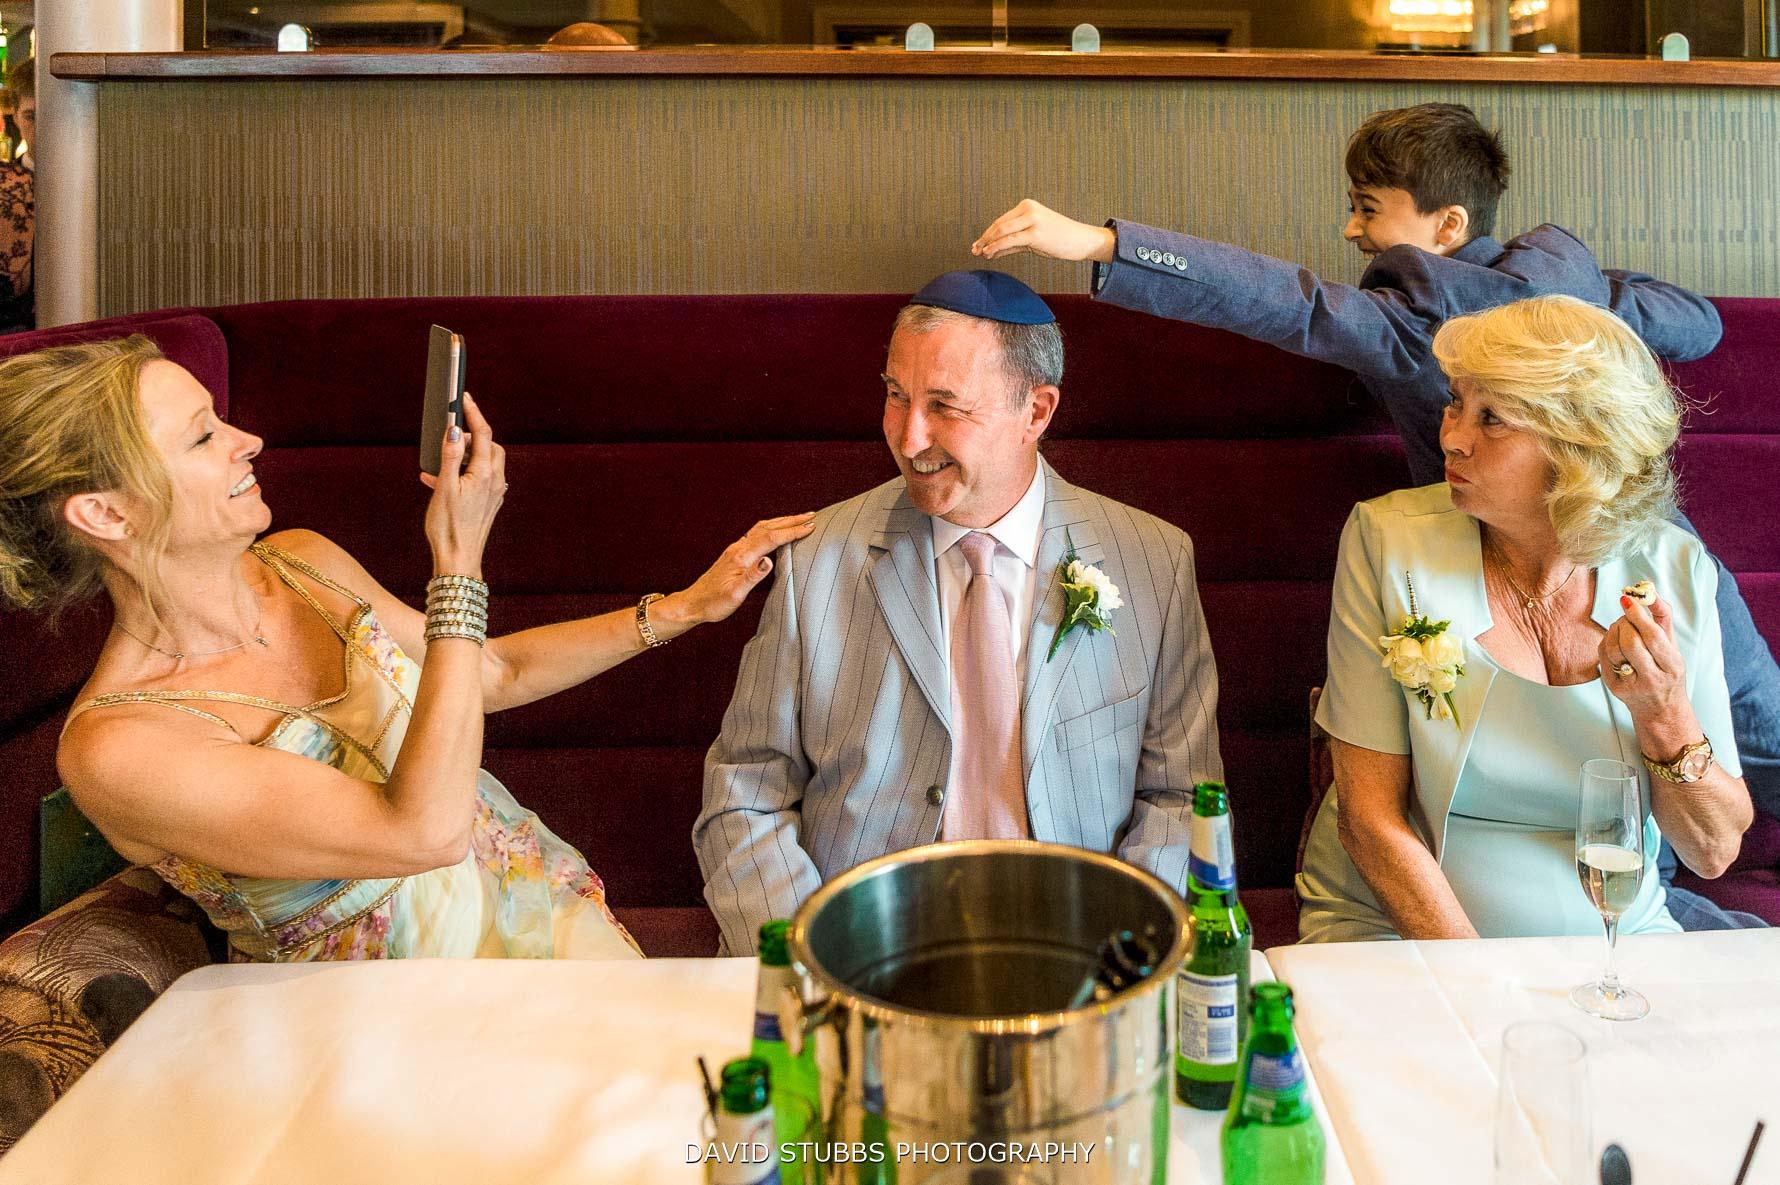 wedding guests having fun at a wedding